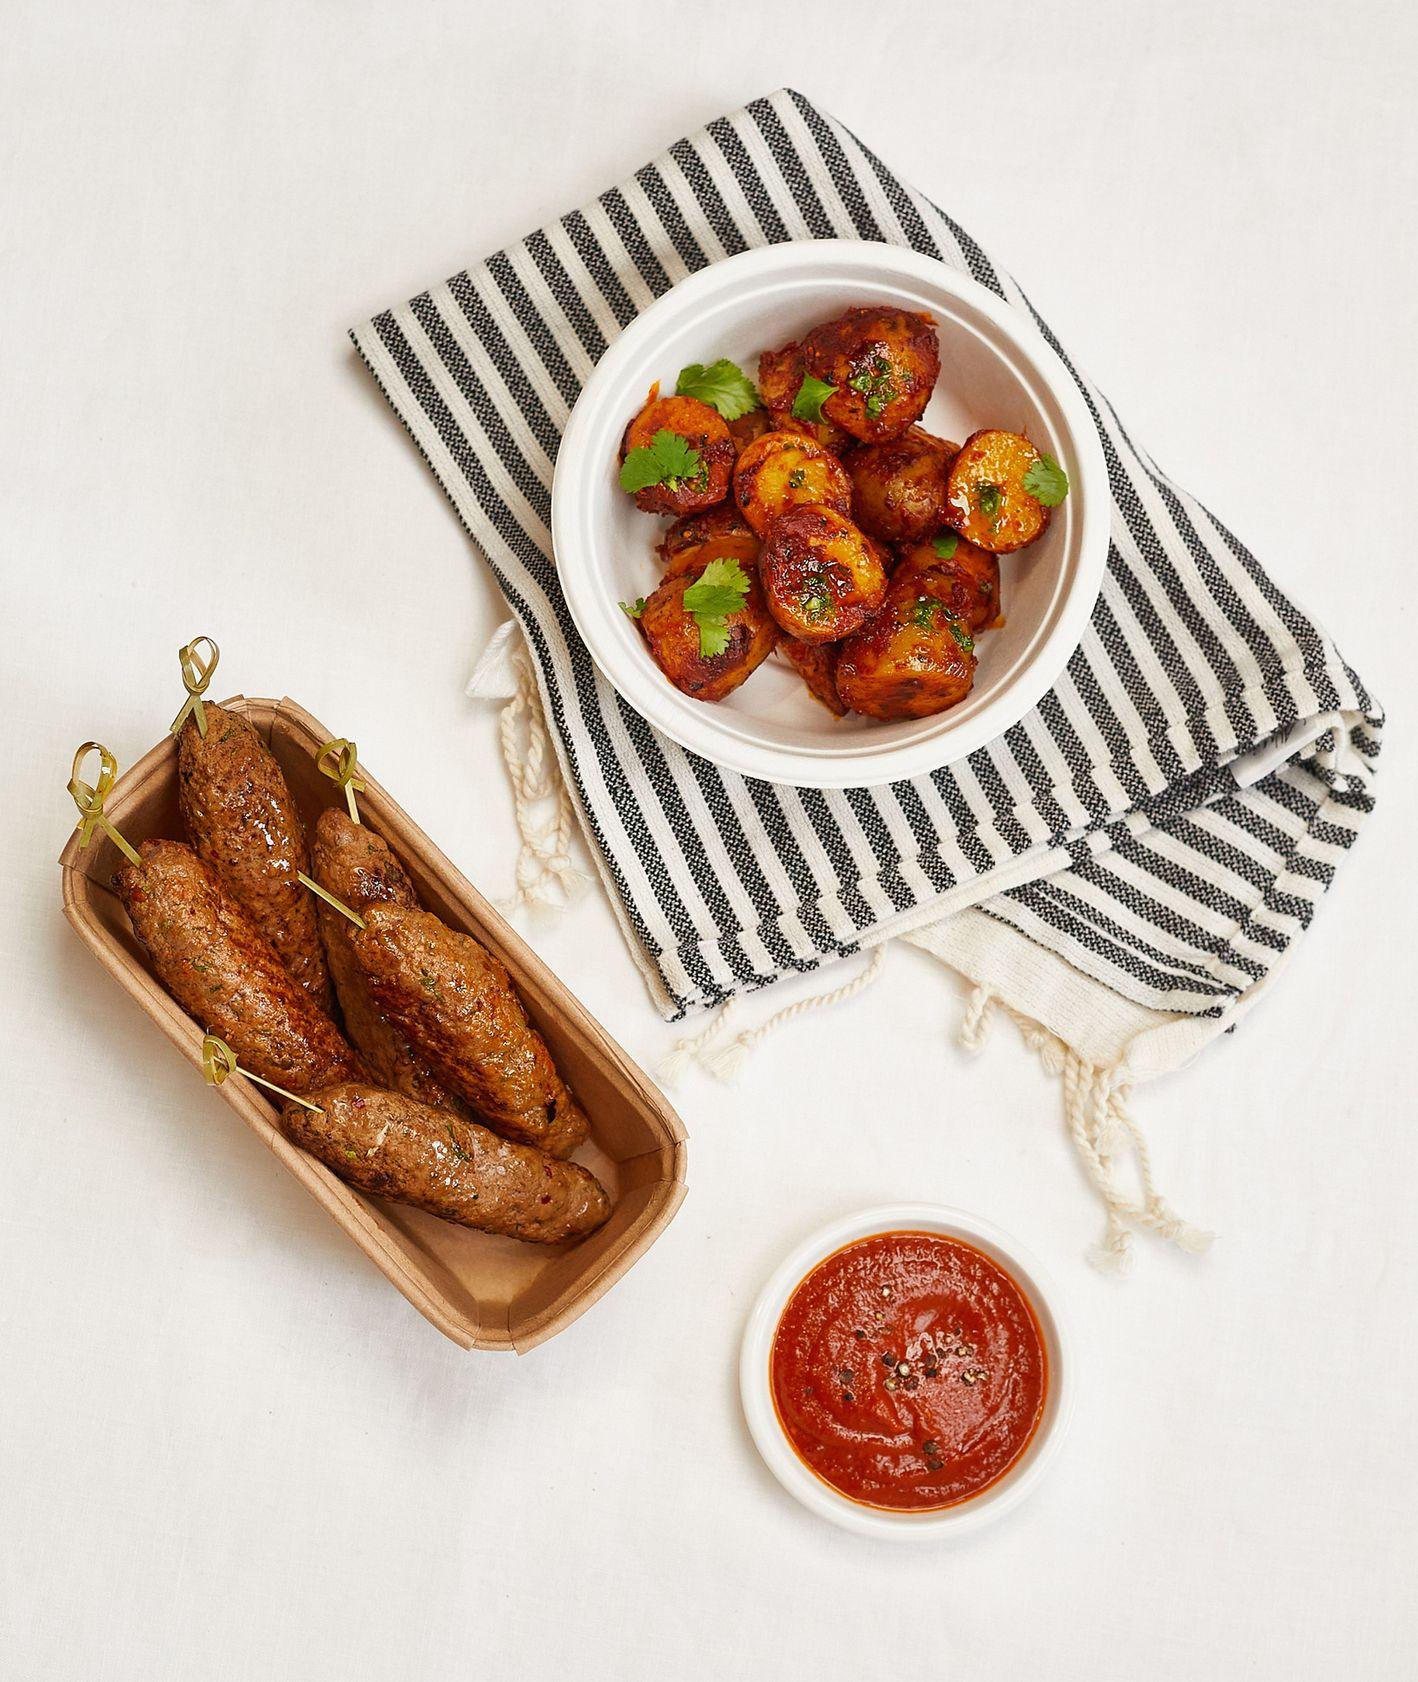 Przepis – kofty z patatas bravas, jak zrobić kofty, Targ Kręgliccy (fot. Maciek Niemojewski)